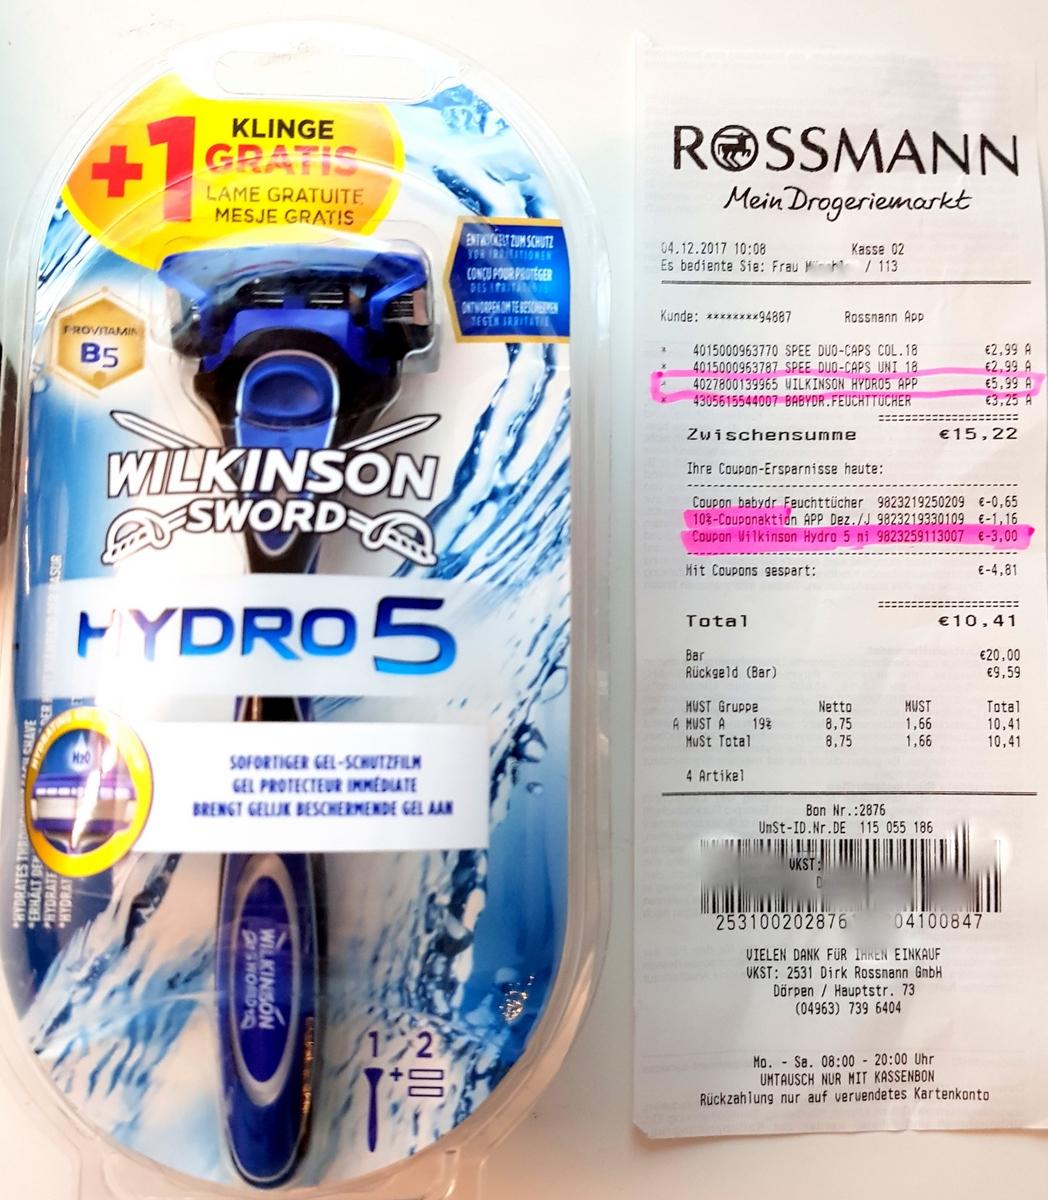 [ROSSMANN] Wilkonson HYDRO 5 (2Klingen+Griff) für 2,99 [10% Gutschein 2,69€]